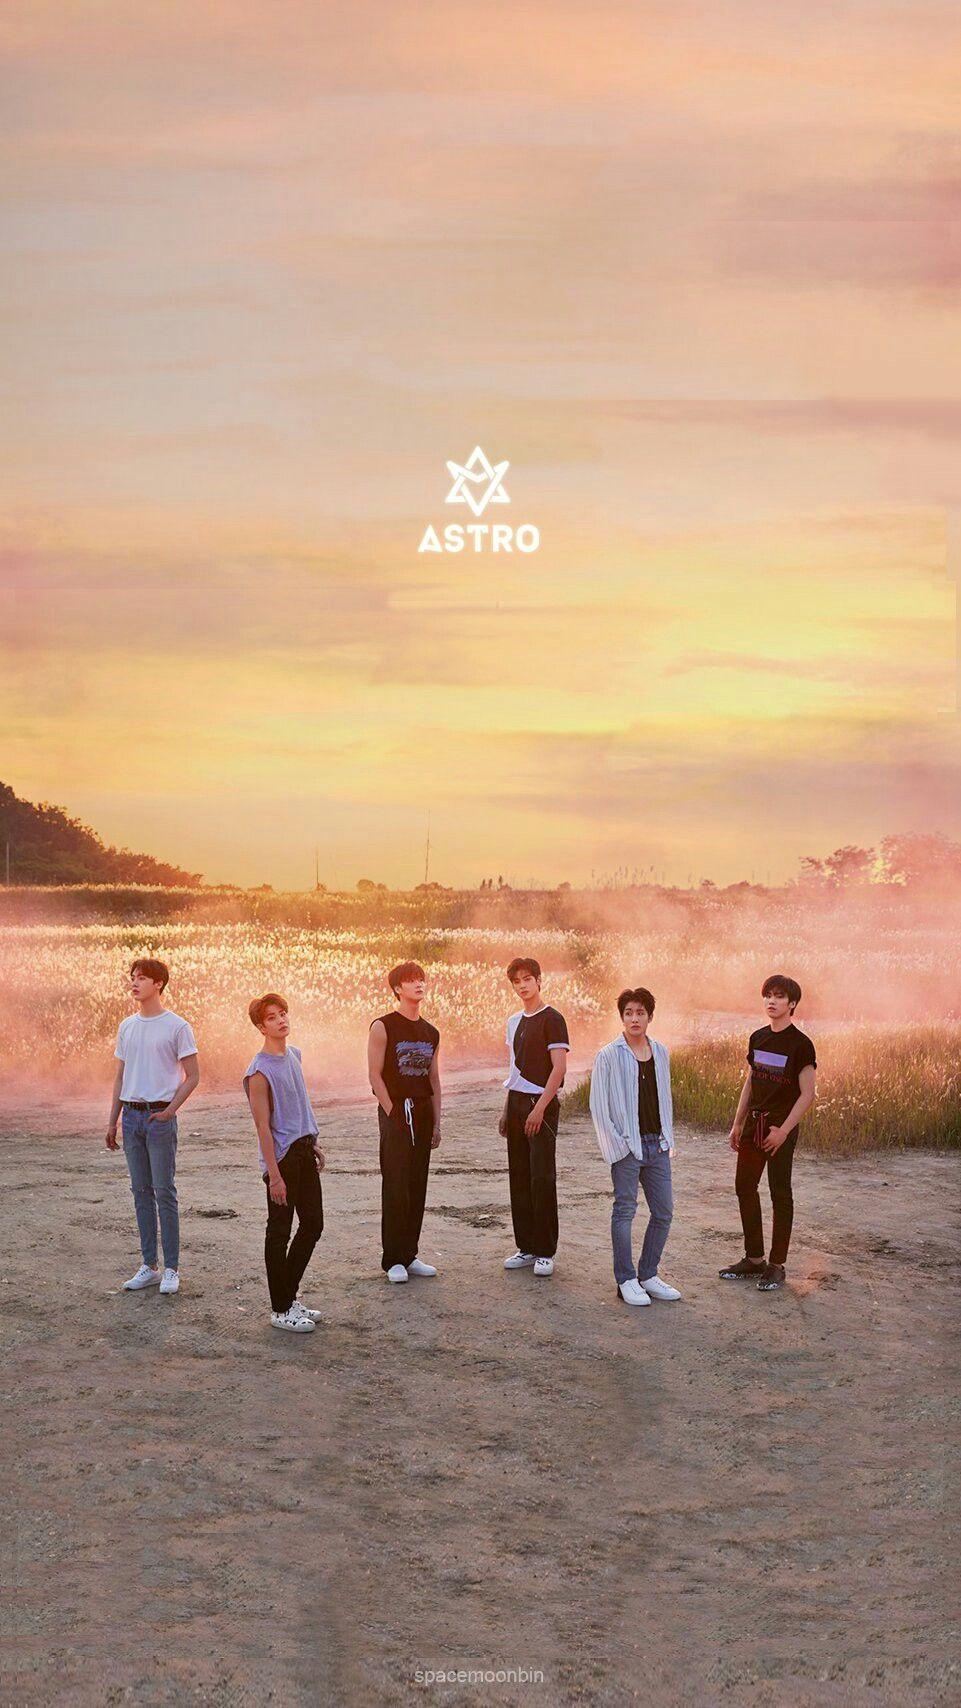 아스트로 Special Mini Album [Rise Up] Present for AROHA - 이벤트방 - 아스트로(ASTRO) 공식 팬카페